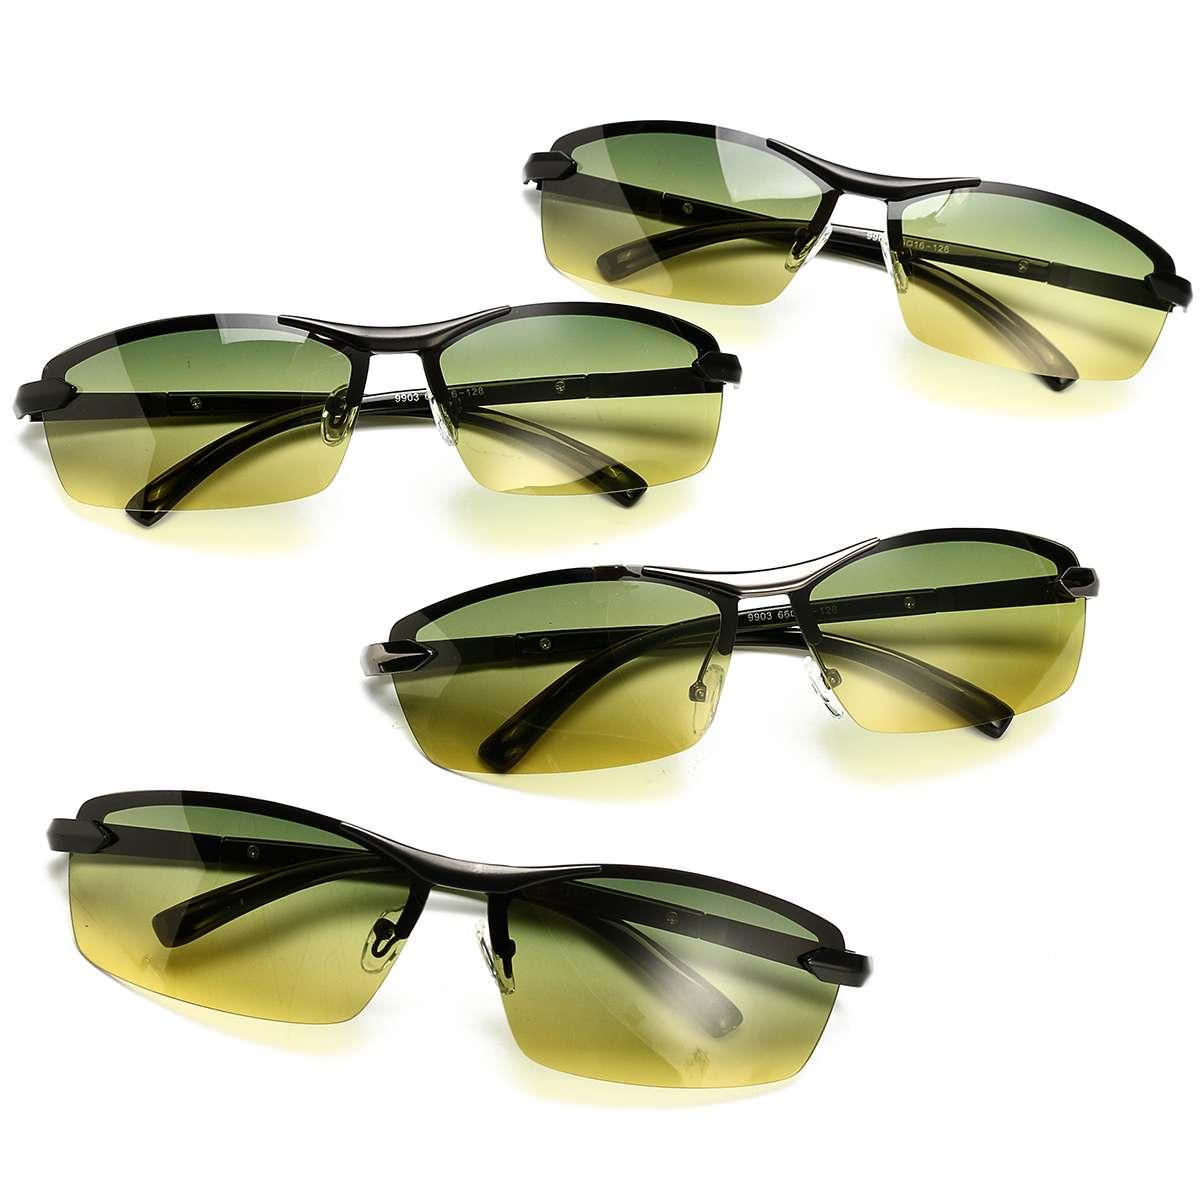 Dia e Noite Visão Motoristas Óculos Polarizados Óculos de Sol Anti Glare Noite-Visão Óculos de Sol Óculos de Condução Condução de Proteção Do Carro